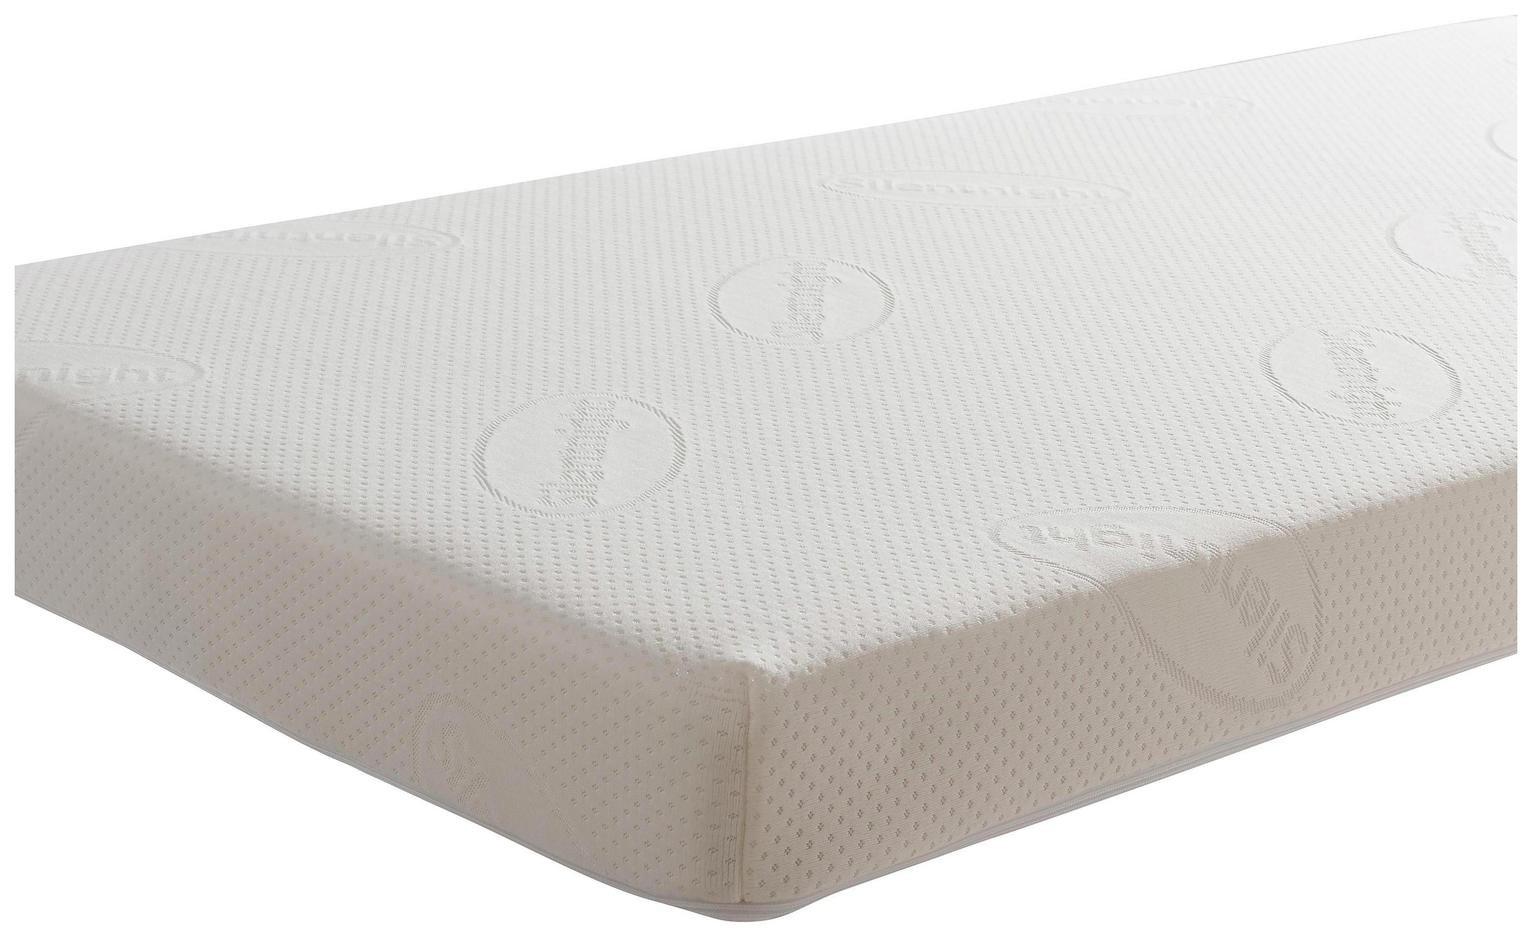 Silentnight Airflow Cot Bed Mattress 70 x 140cm